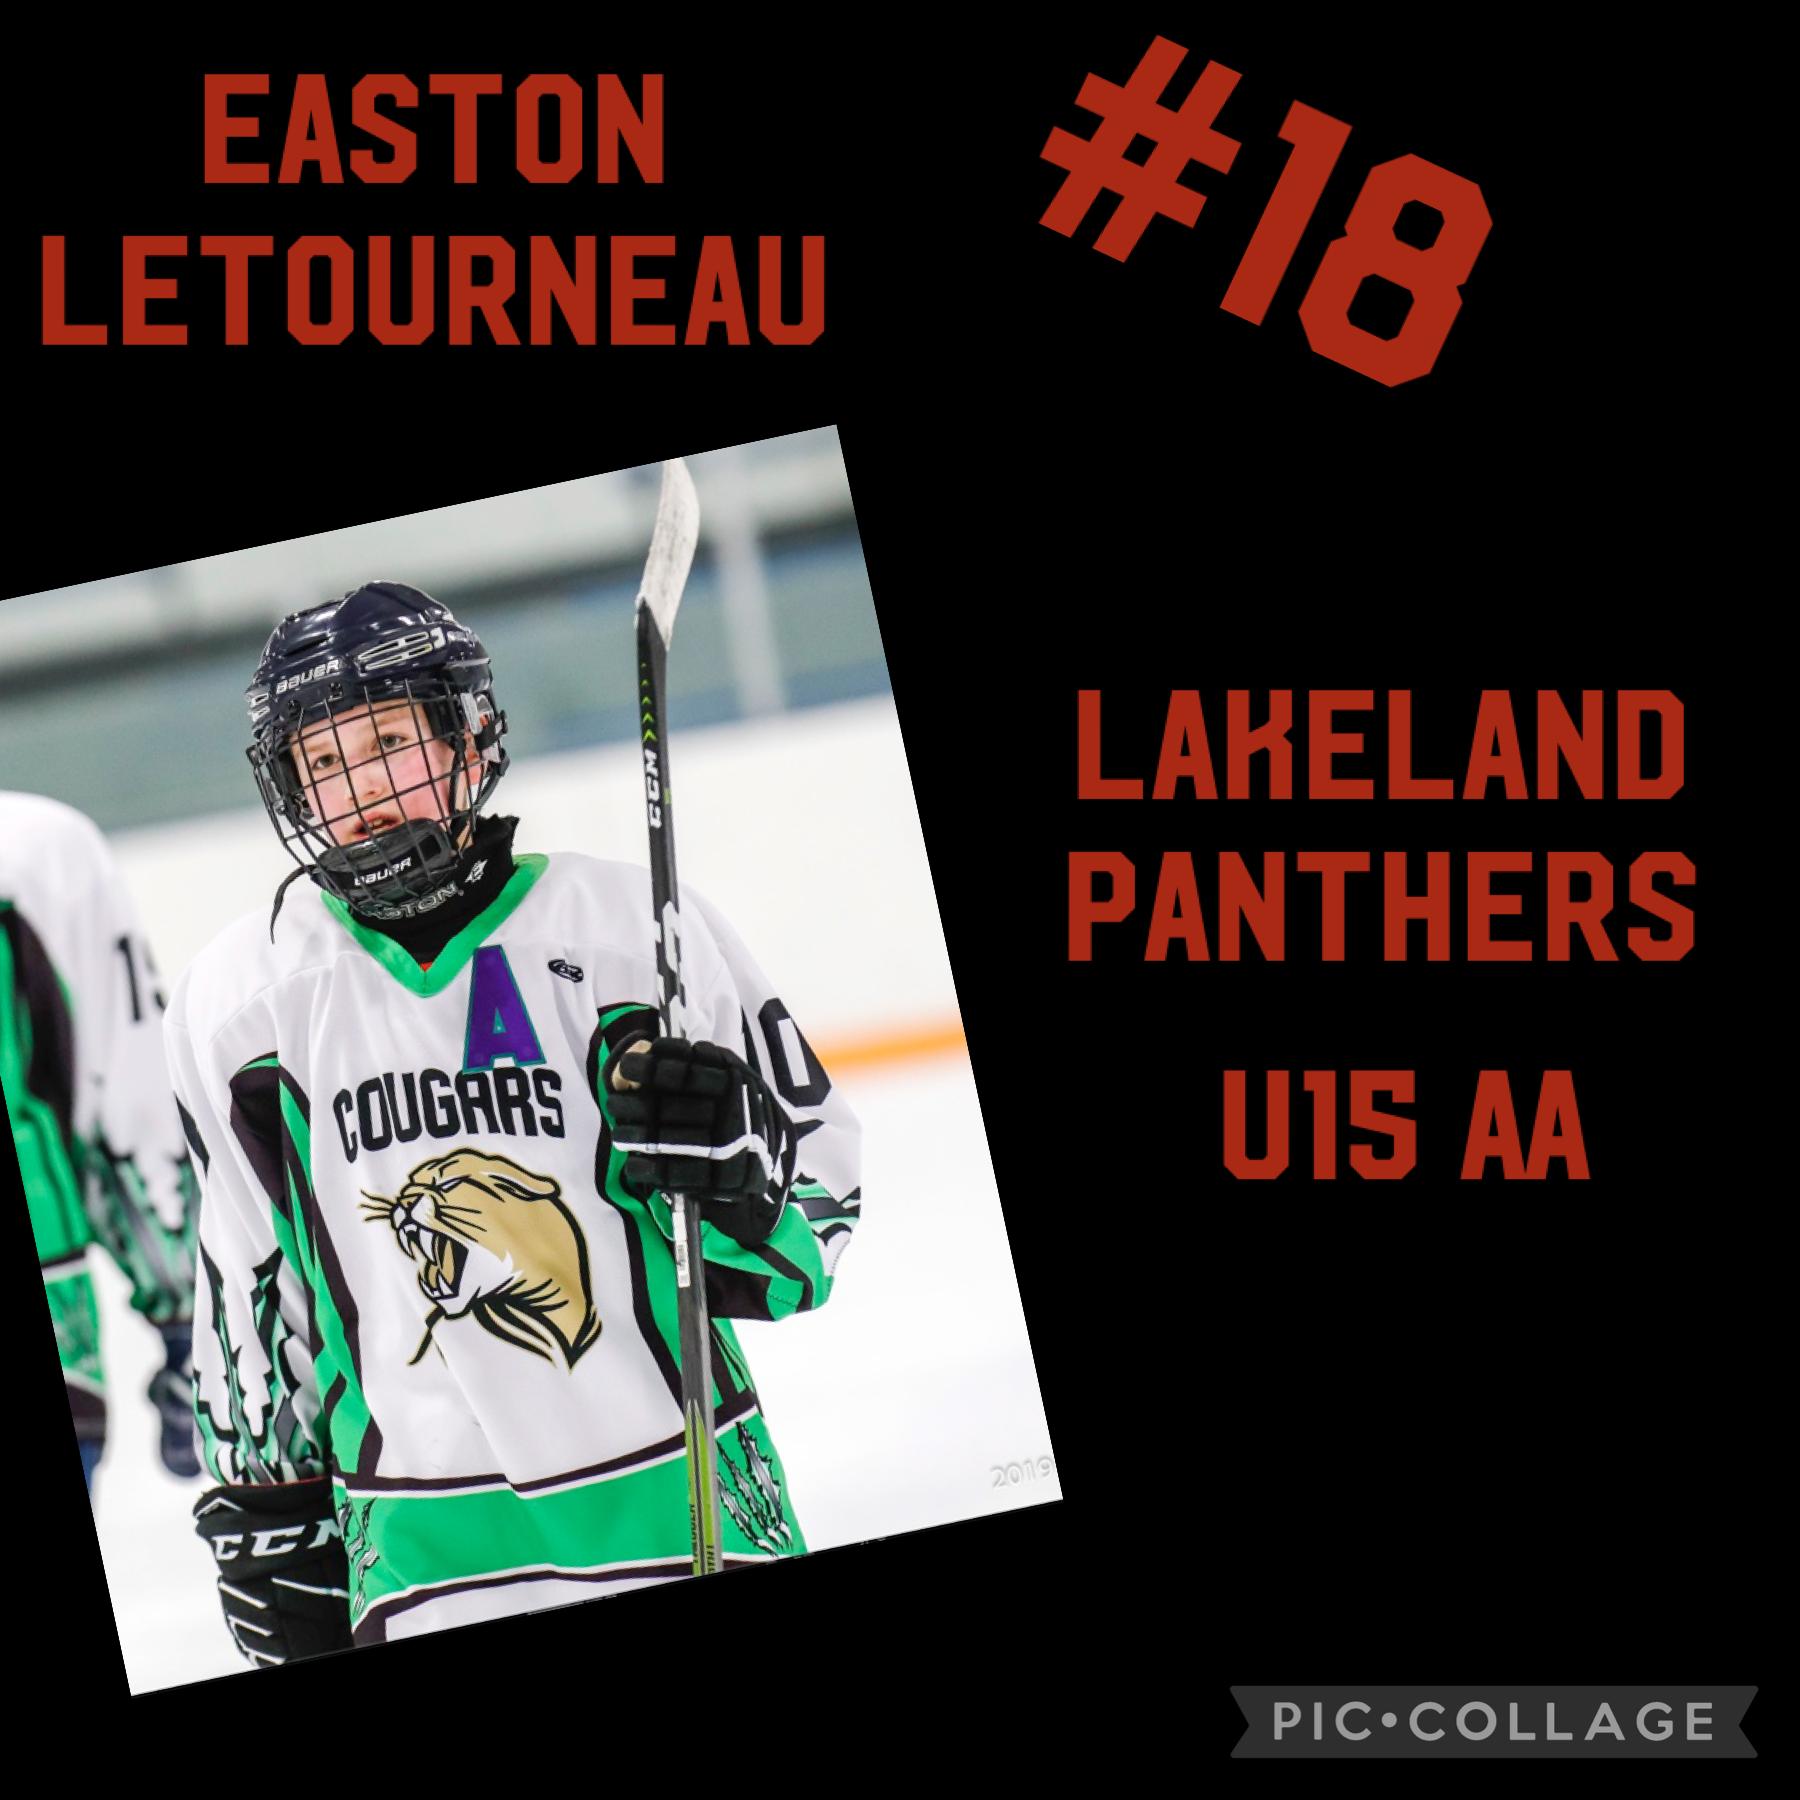 Easton Latourneau